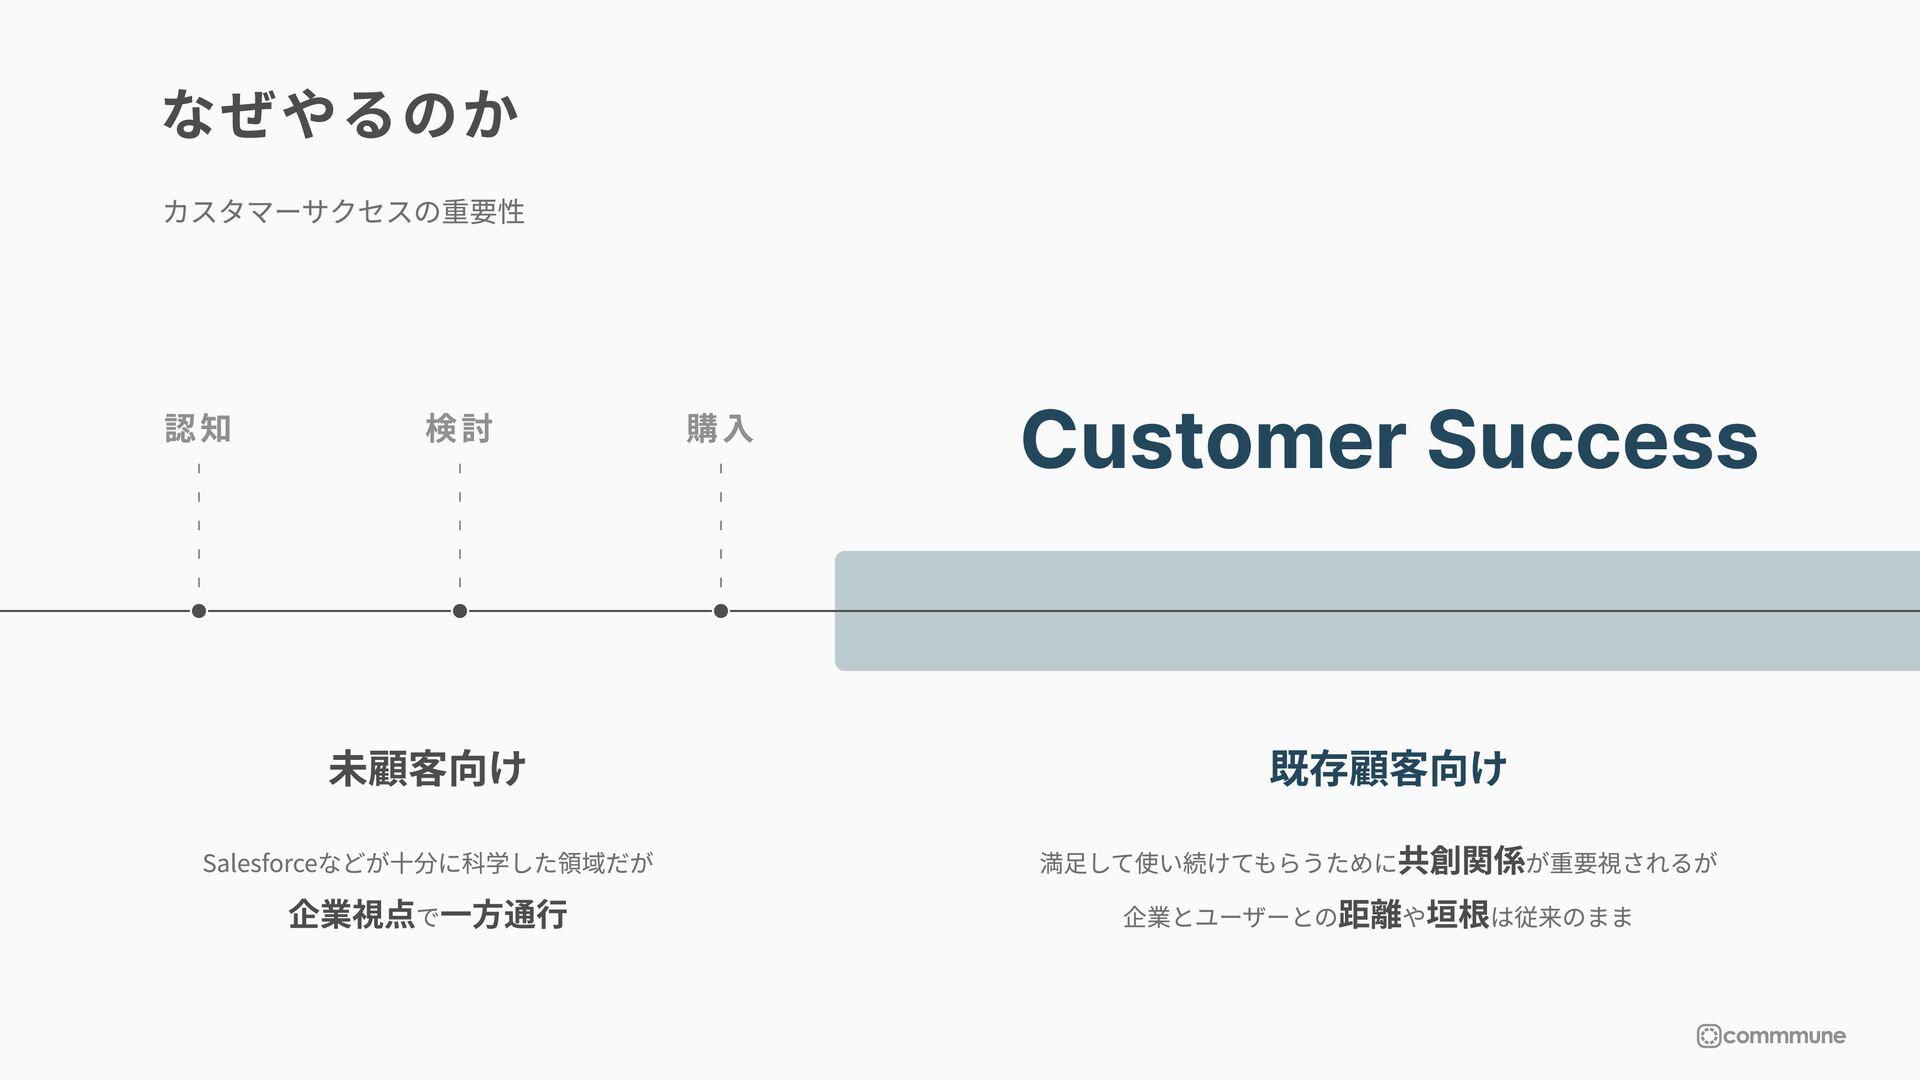 なぜやるのか 未顧客向け 既存顧客向け Customer Success 購入 検討 認知 カ...